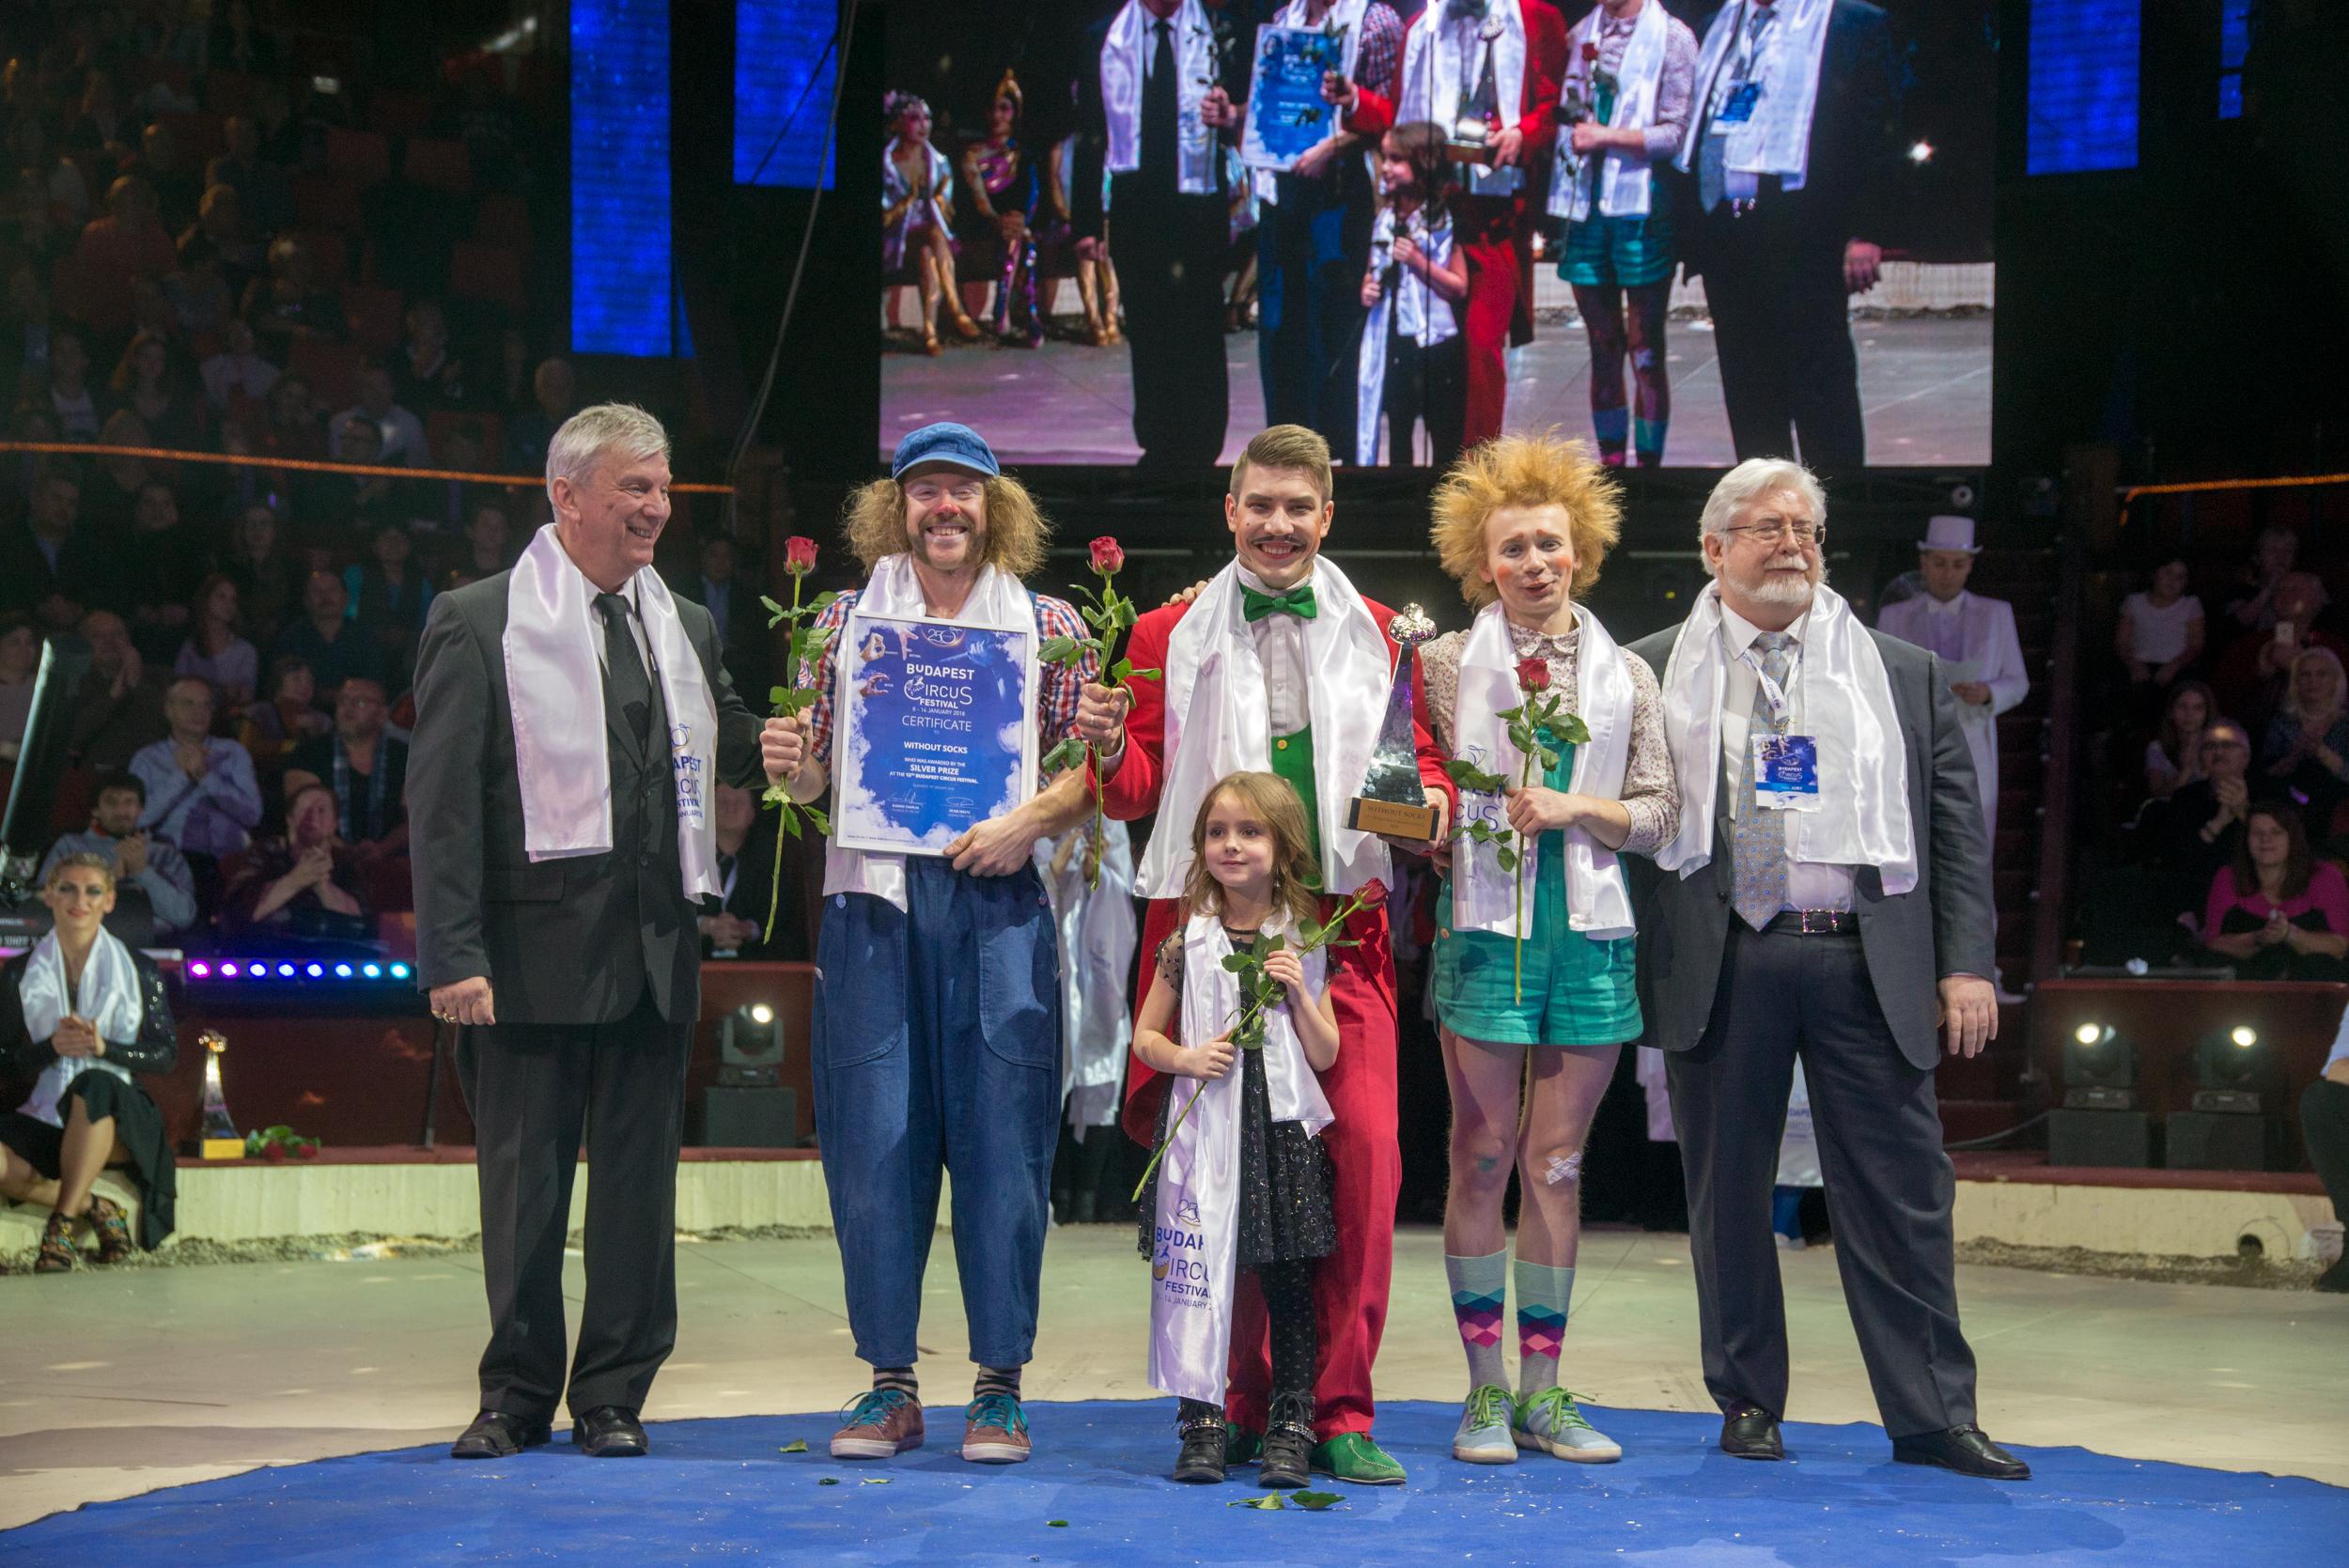 A cirkuszfesztivál díjazottjai